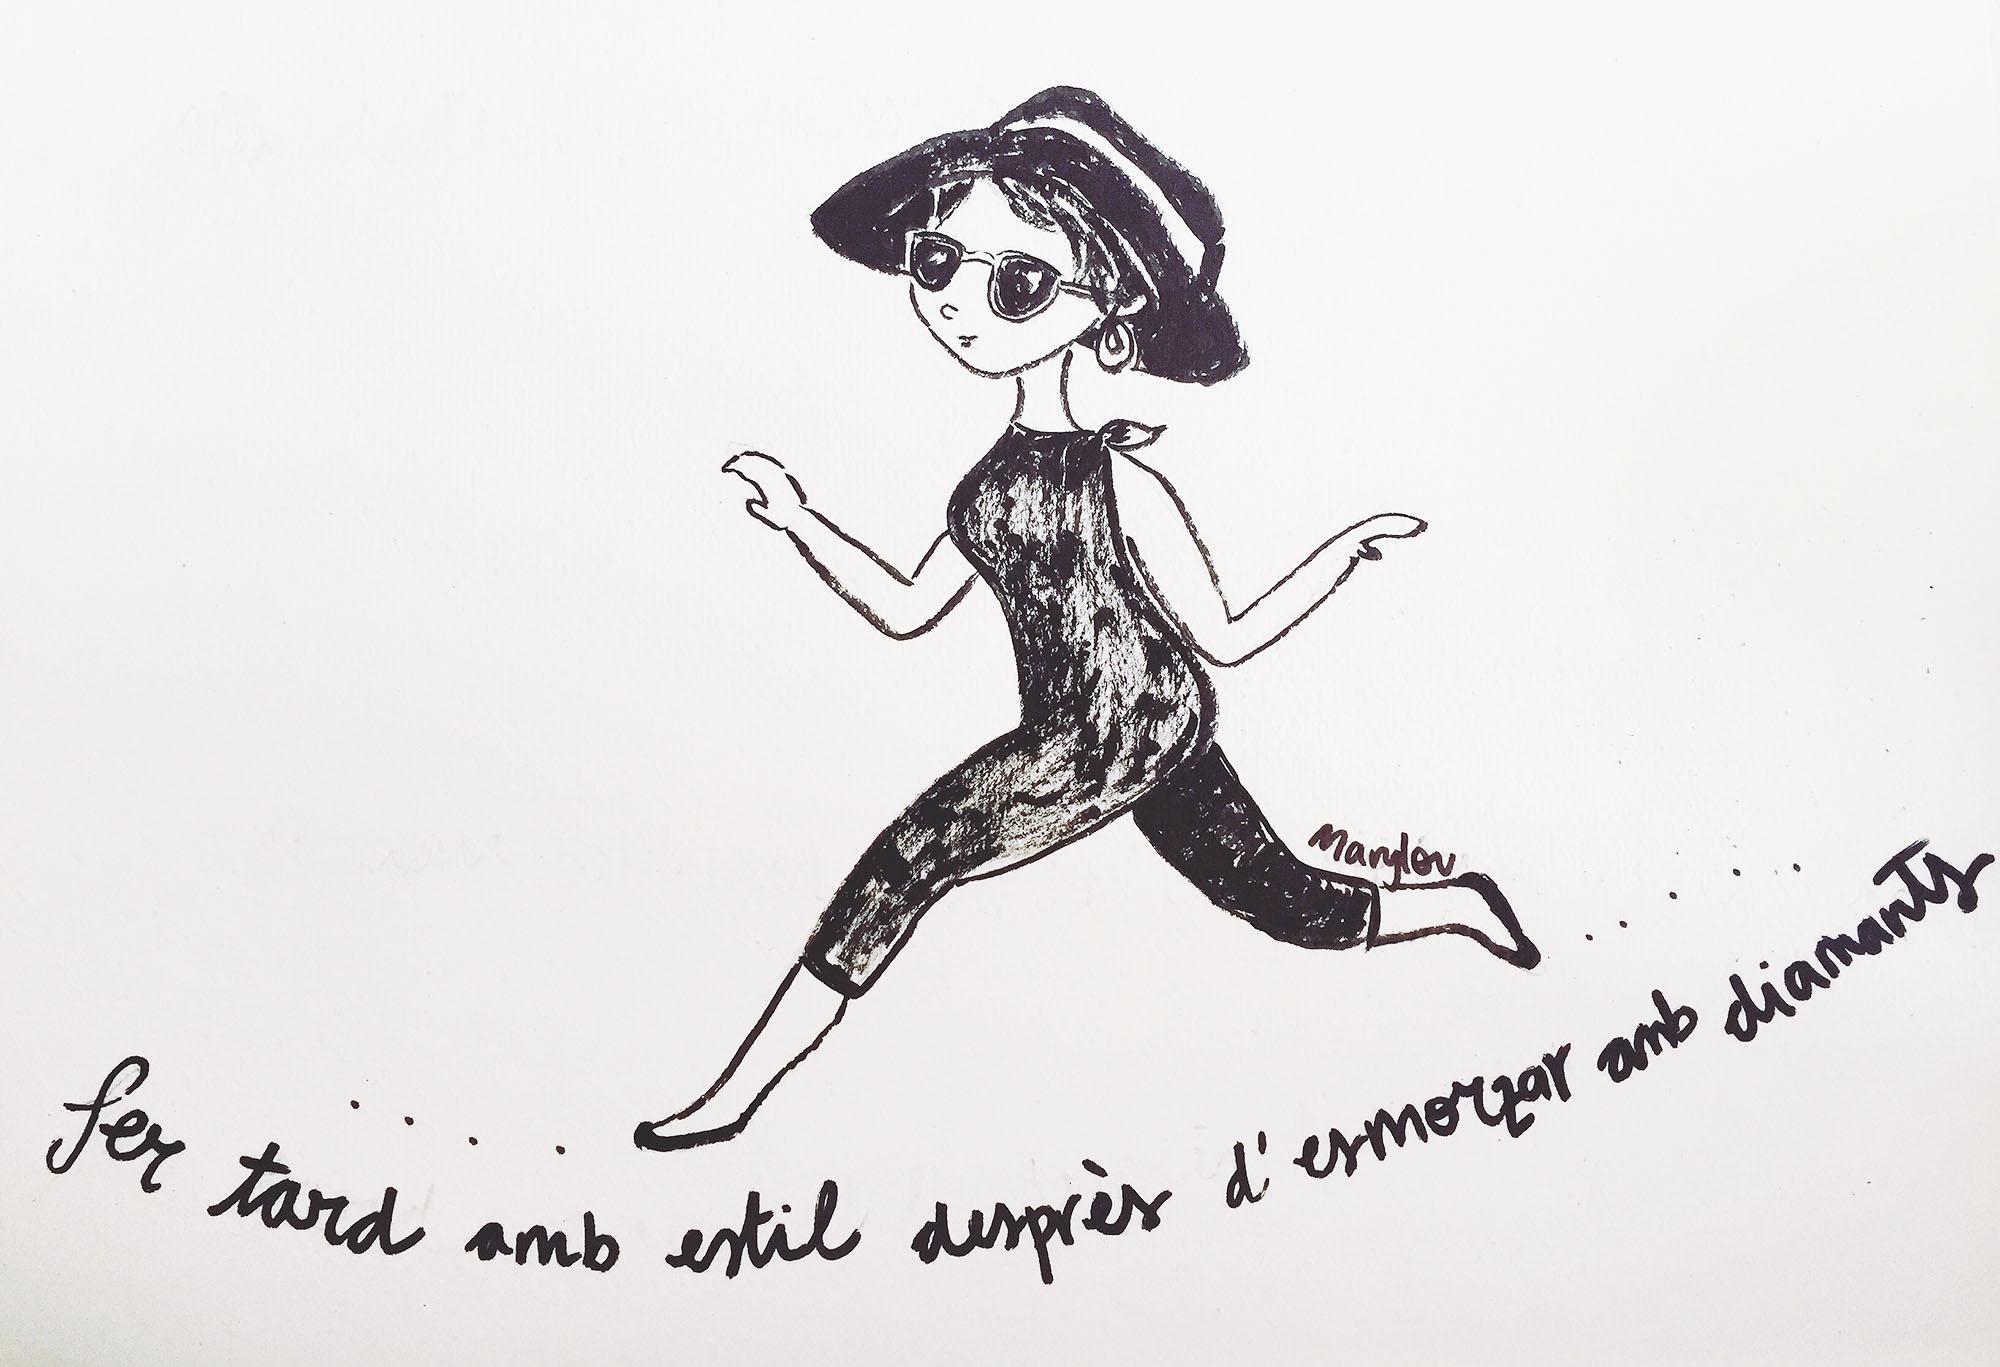 Una noia caminant ben elegant com a 'Esmorzar amb diamants'